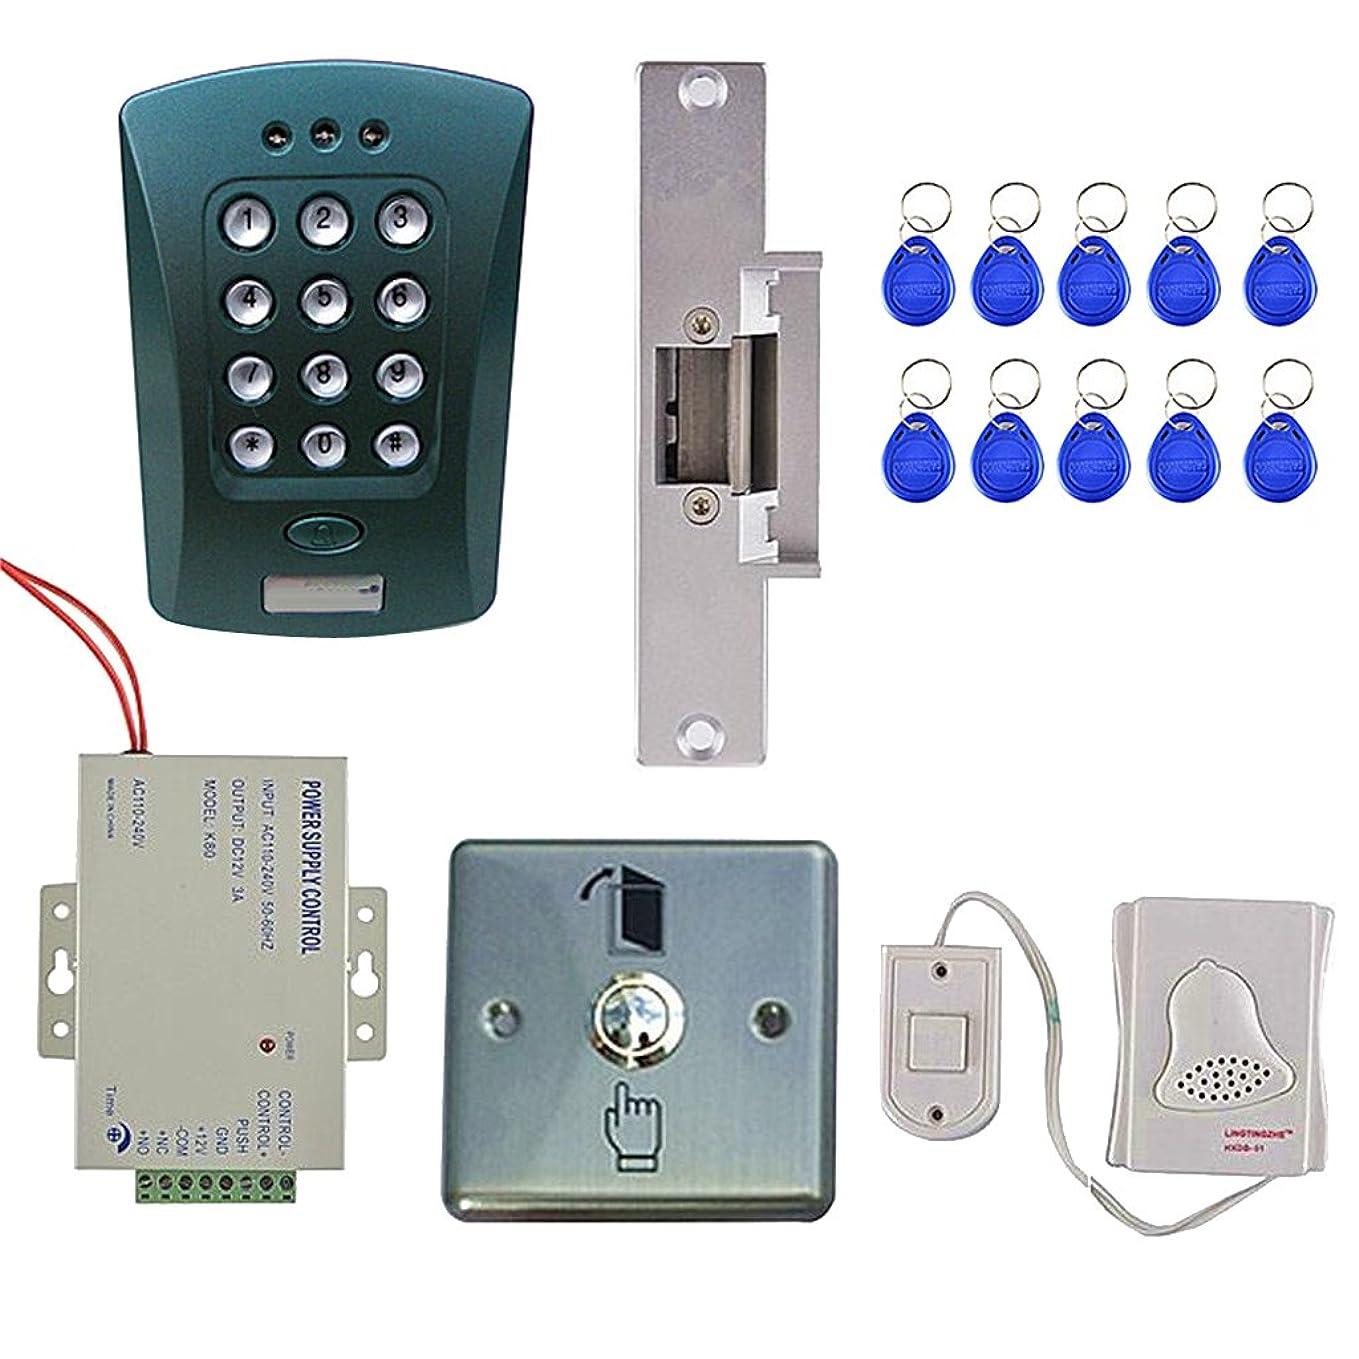 岸愛情深い投獄SONONIA 10キーフォブ カードキーパッド アクセス 制御セキュリティシステム